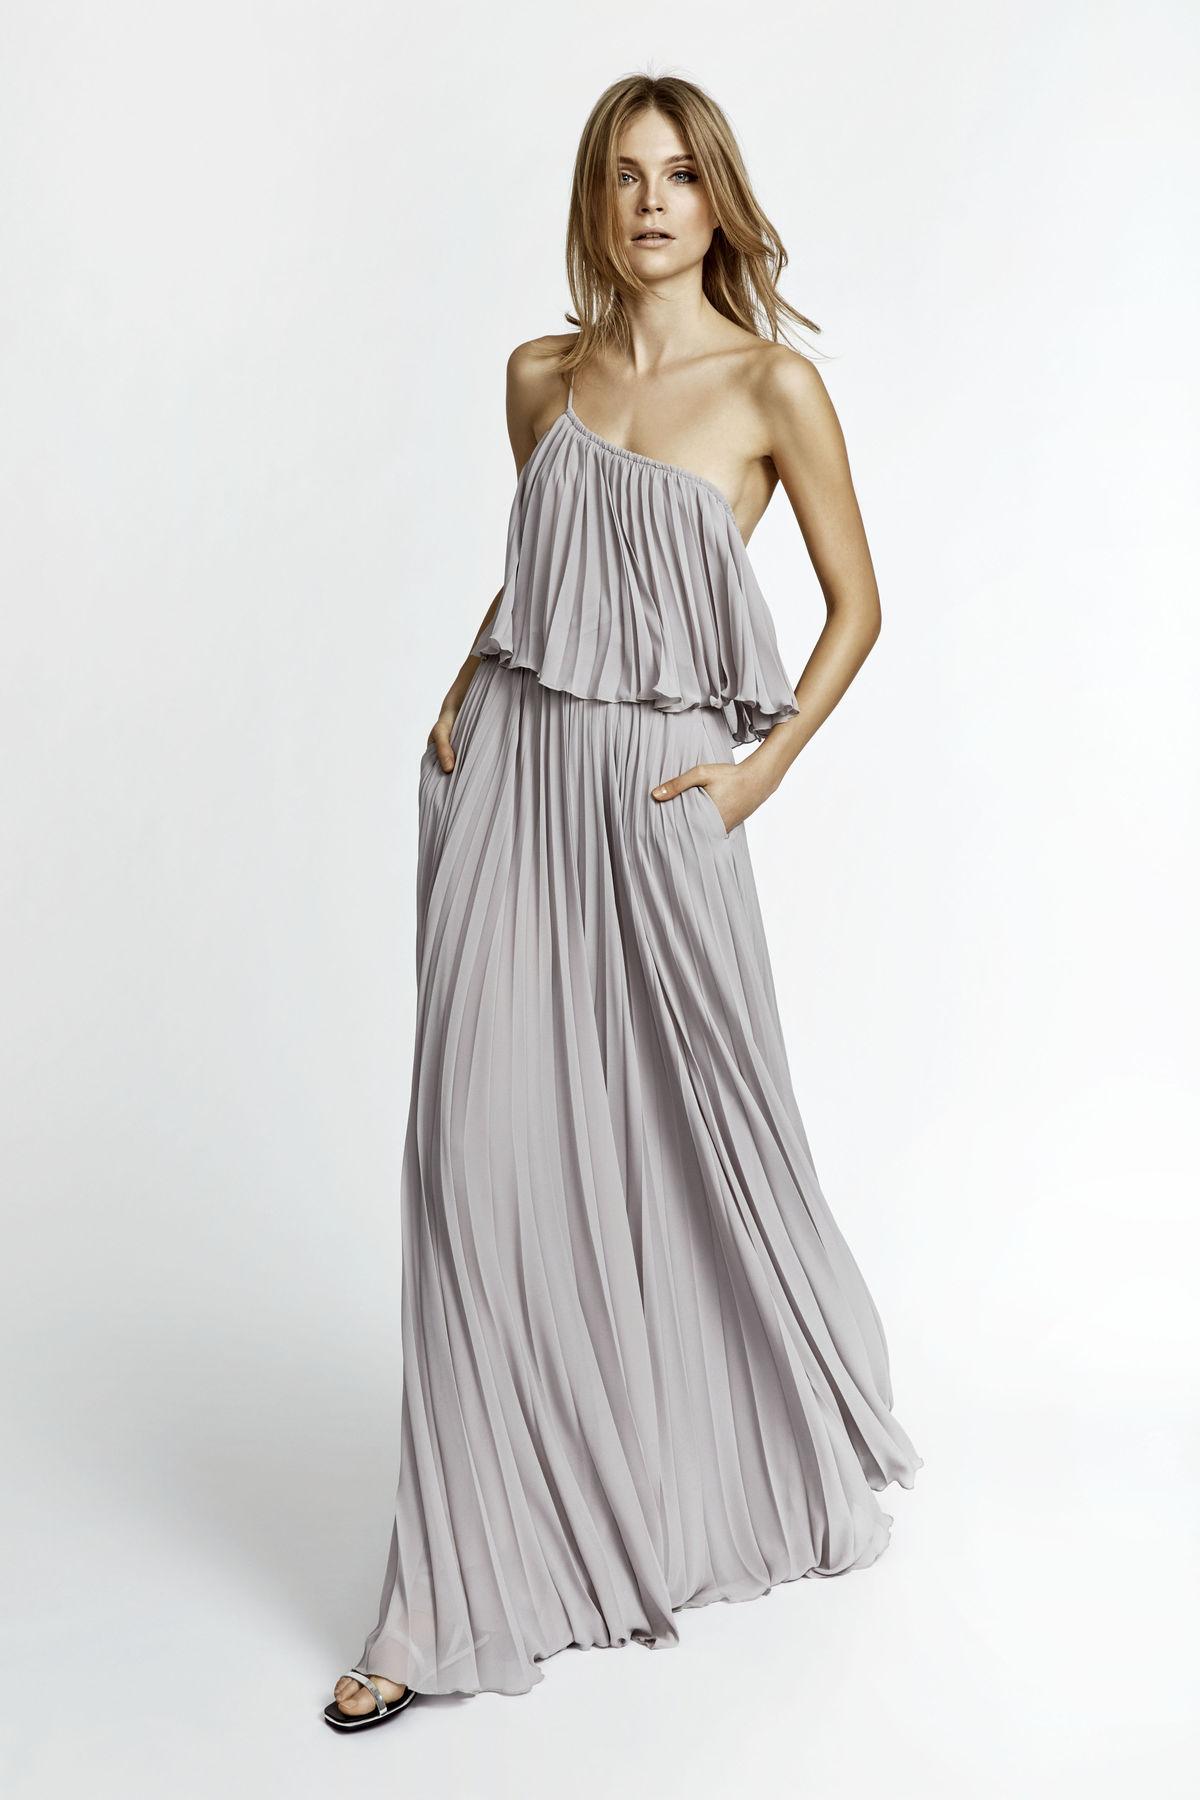 Dlhé letné šaty môžu byť ležérne 18f2190f785